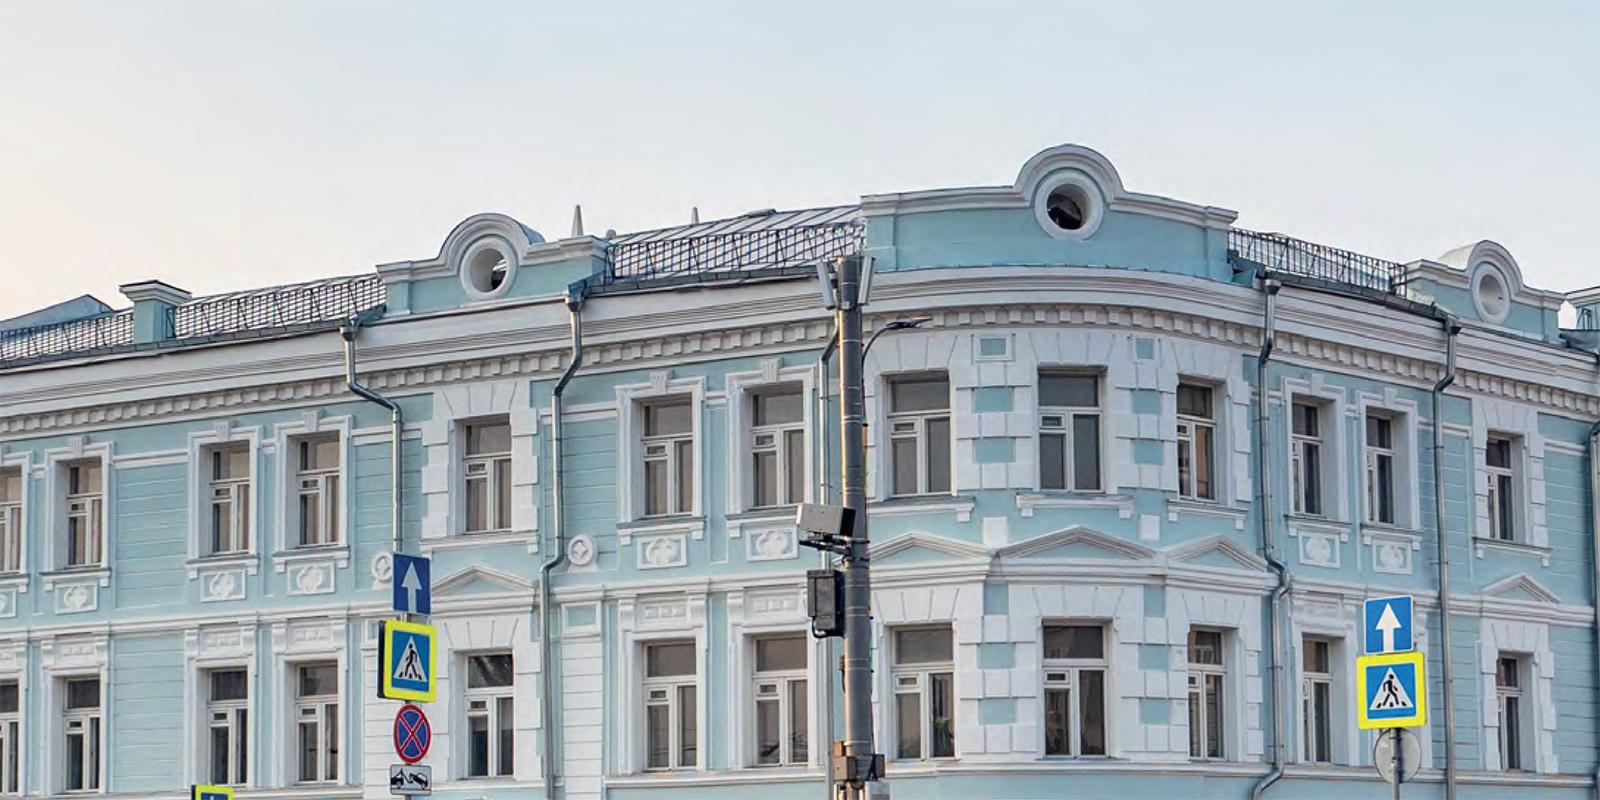 Почему нужно согласовывать изменения фасадов зданий